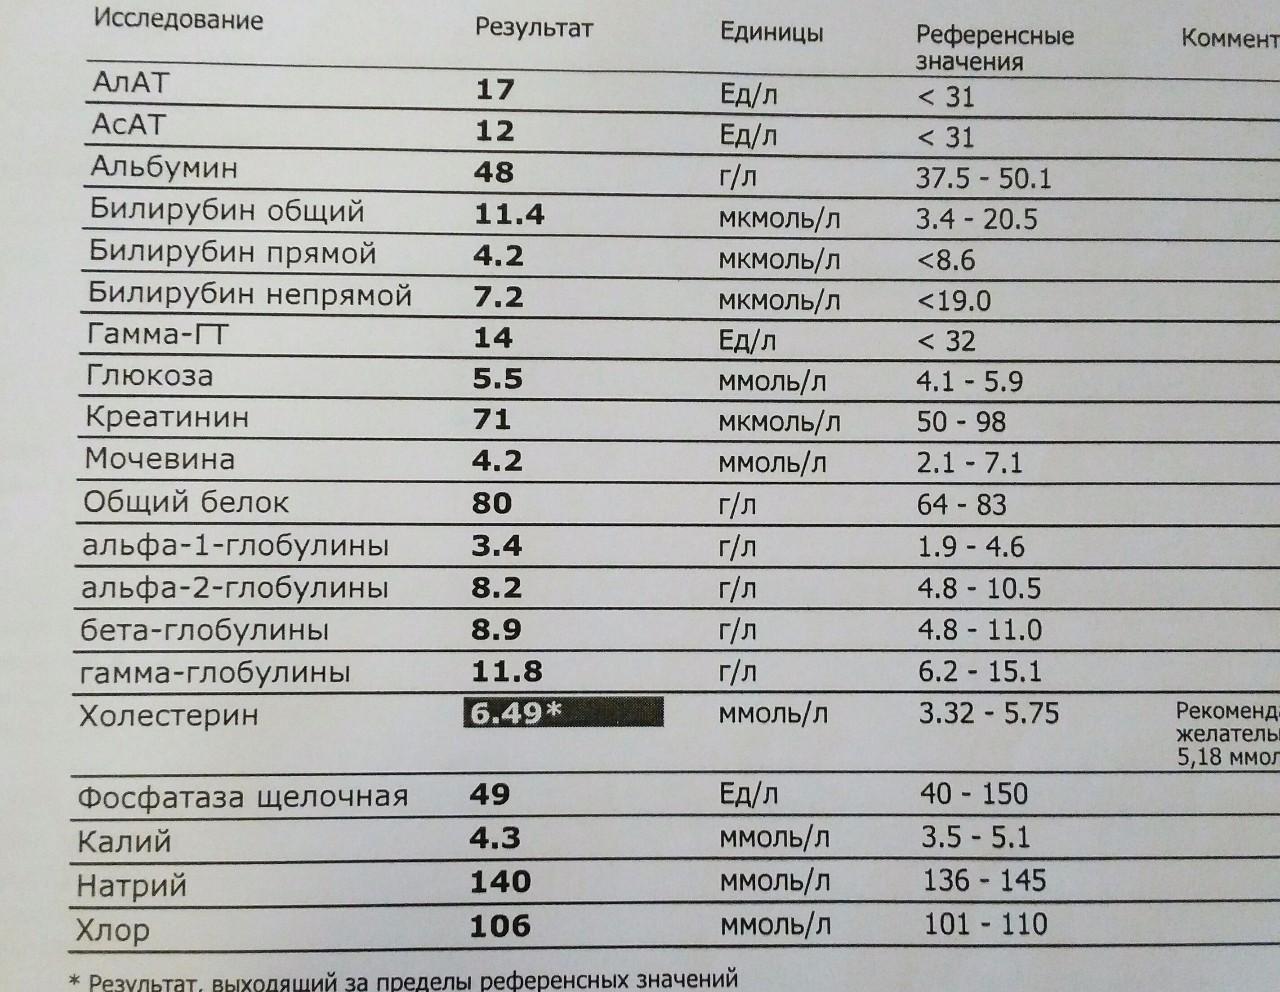 Общий белок в крови повышенный